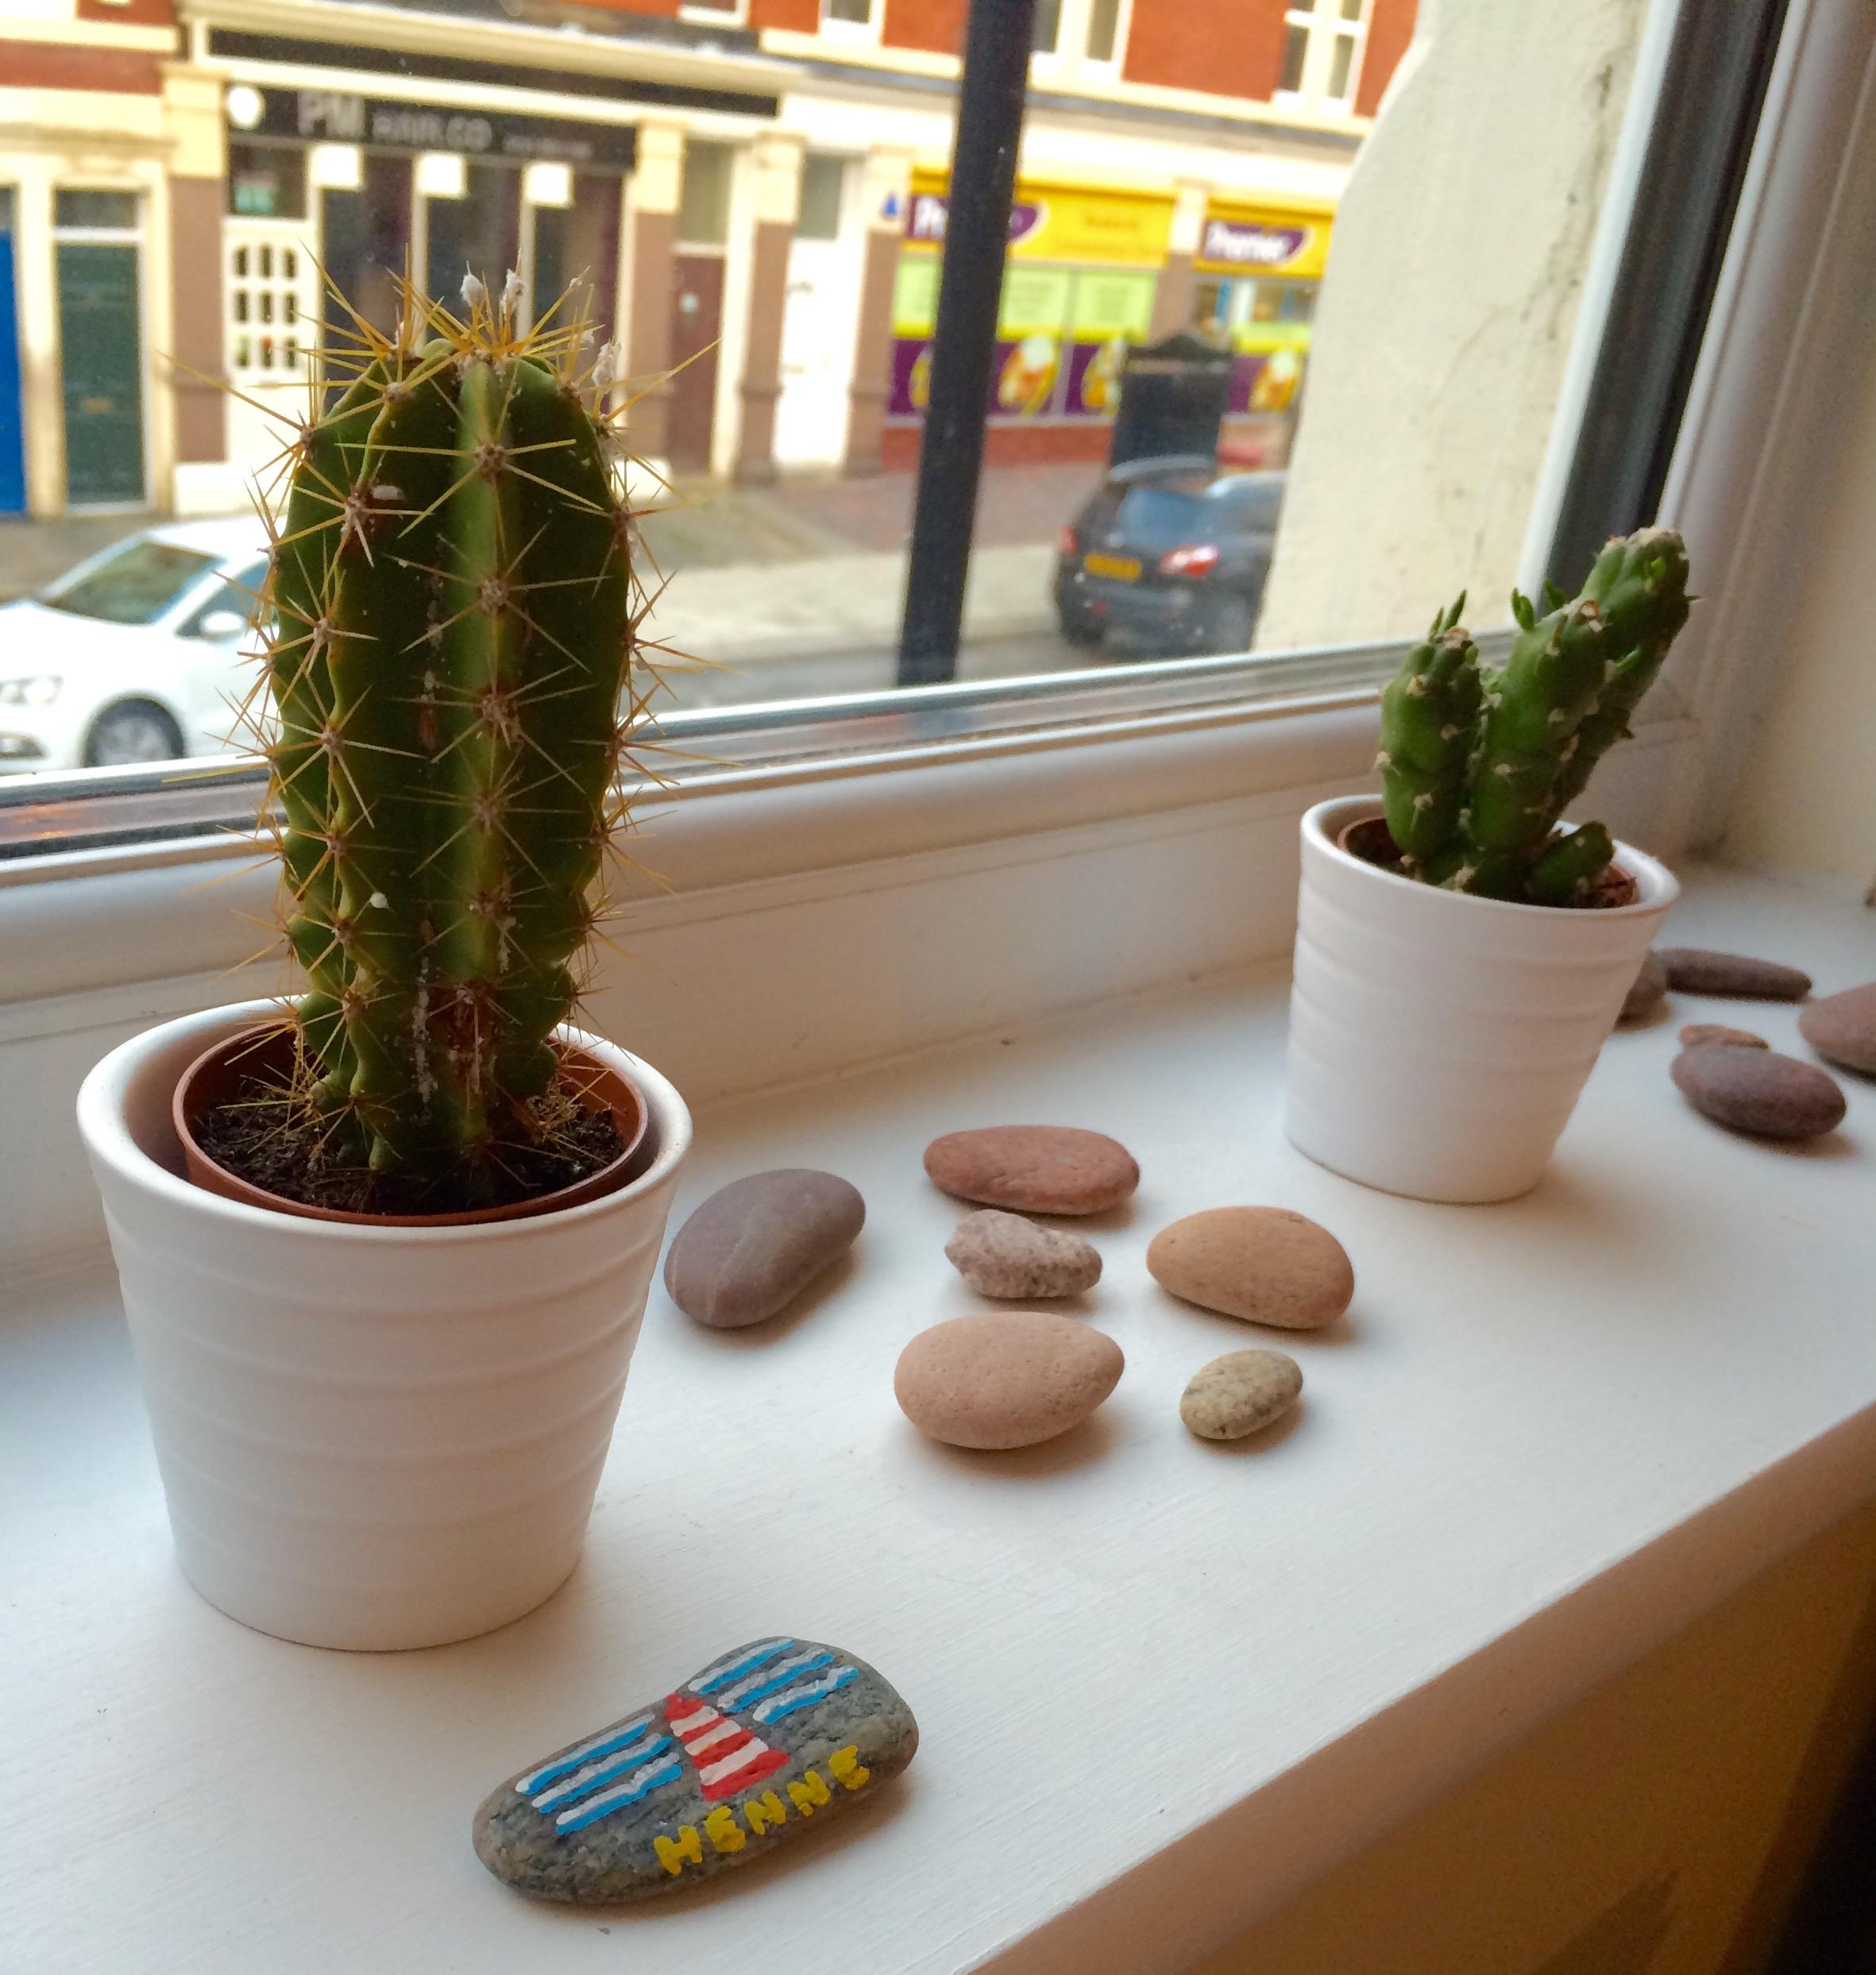 Diese Neue Steinsammlung Auf Der Fensterbank In Meinem Arbeitszimmer Ist  Aber Eine Deko, Die Ich Besonders Gerne Mag. Sie Kommt Aus Dem Sommerurlaub  In ...